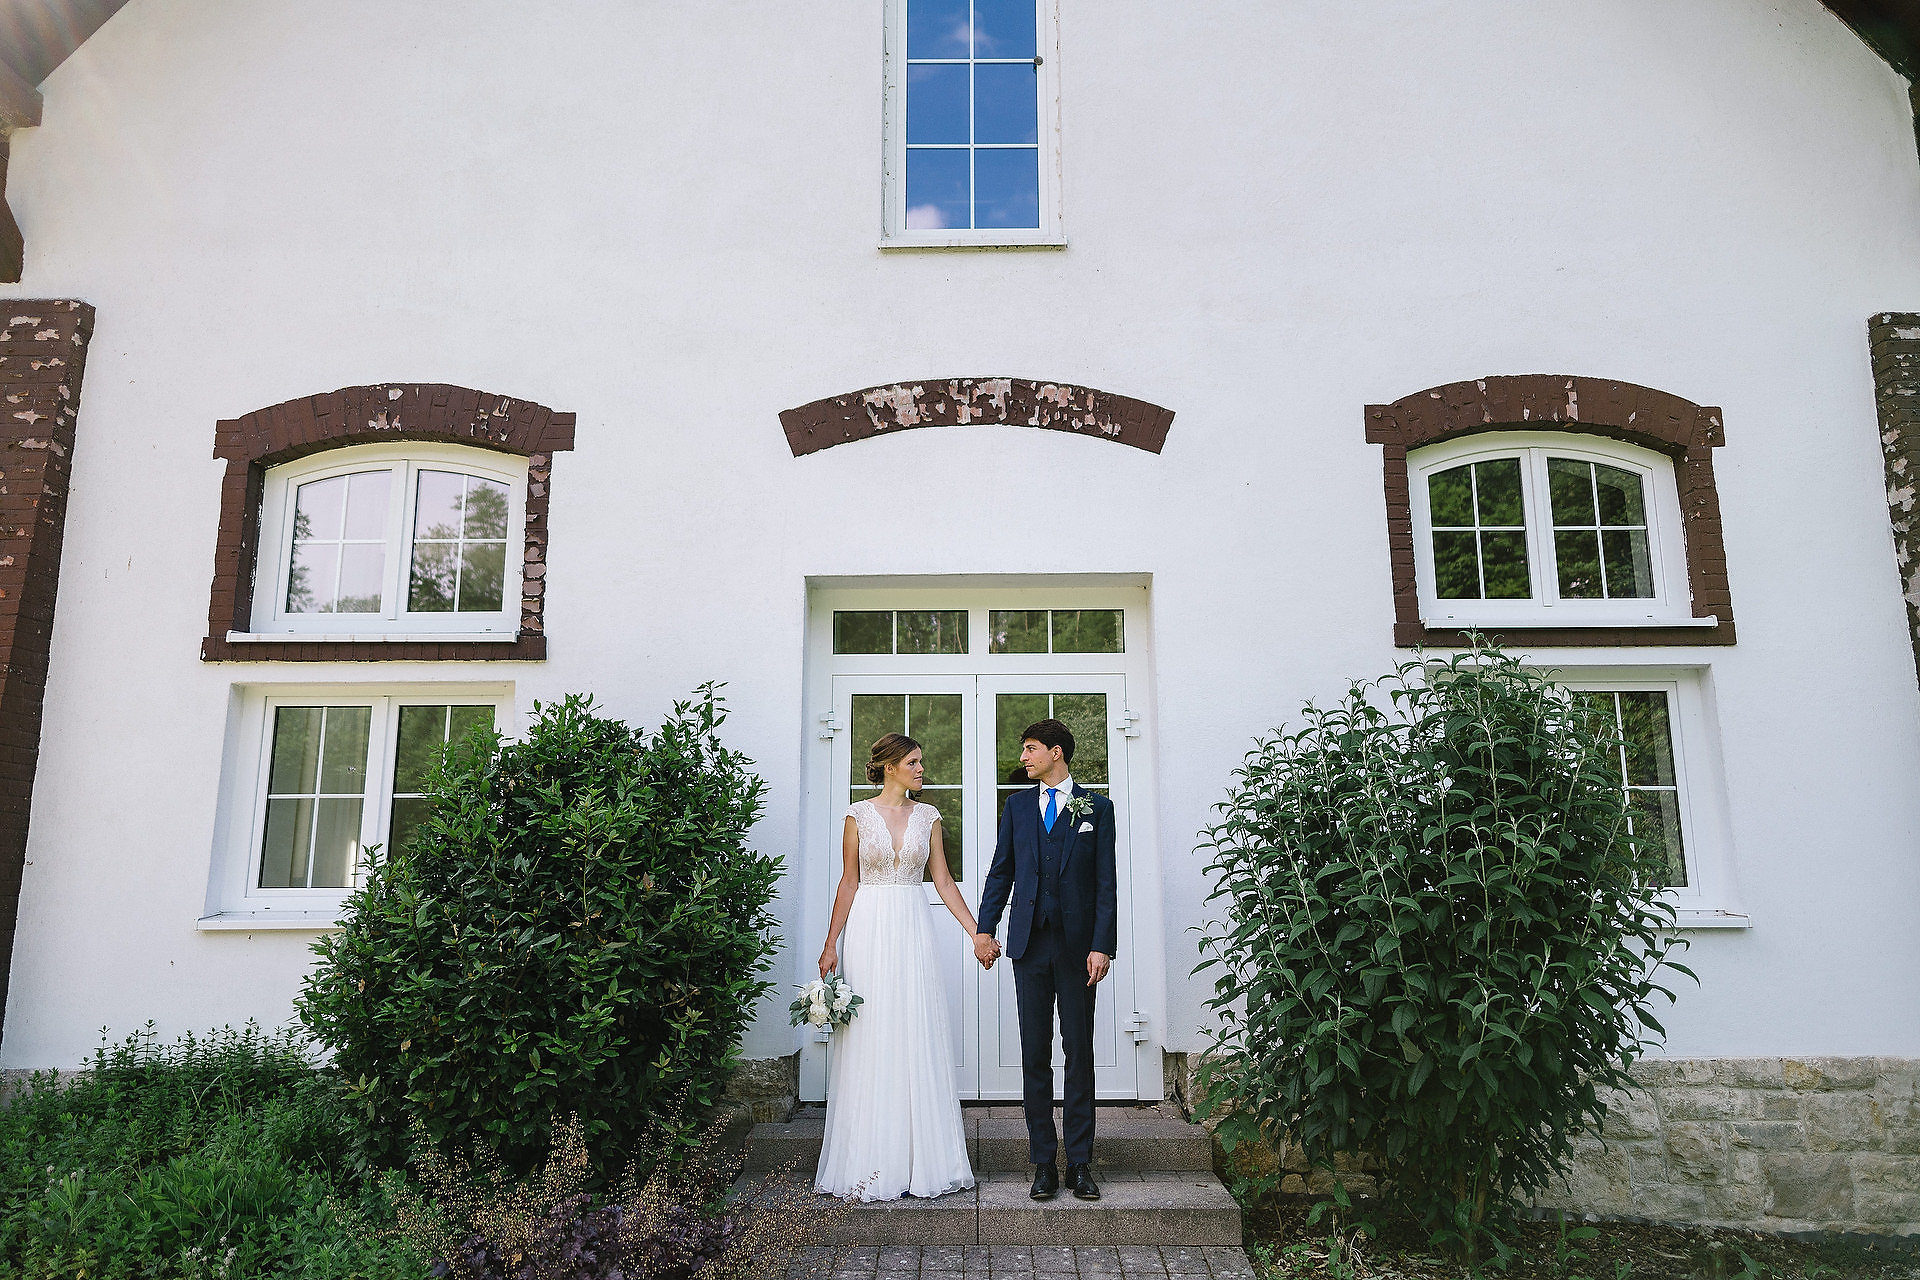 Fotograf Konstanz - Hochzeitsreportage Freiburg Hofgut Lilienhof Hochzeit Fotograf Konstanz 55 - Hochzeit in Freiburg und Hofgut Lilienhof  - 47 -